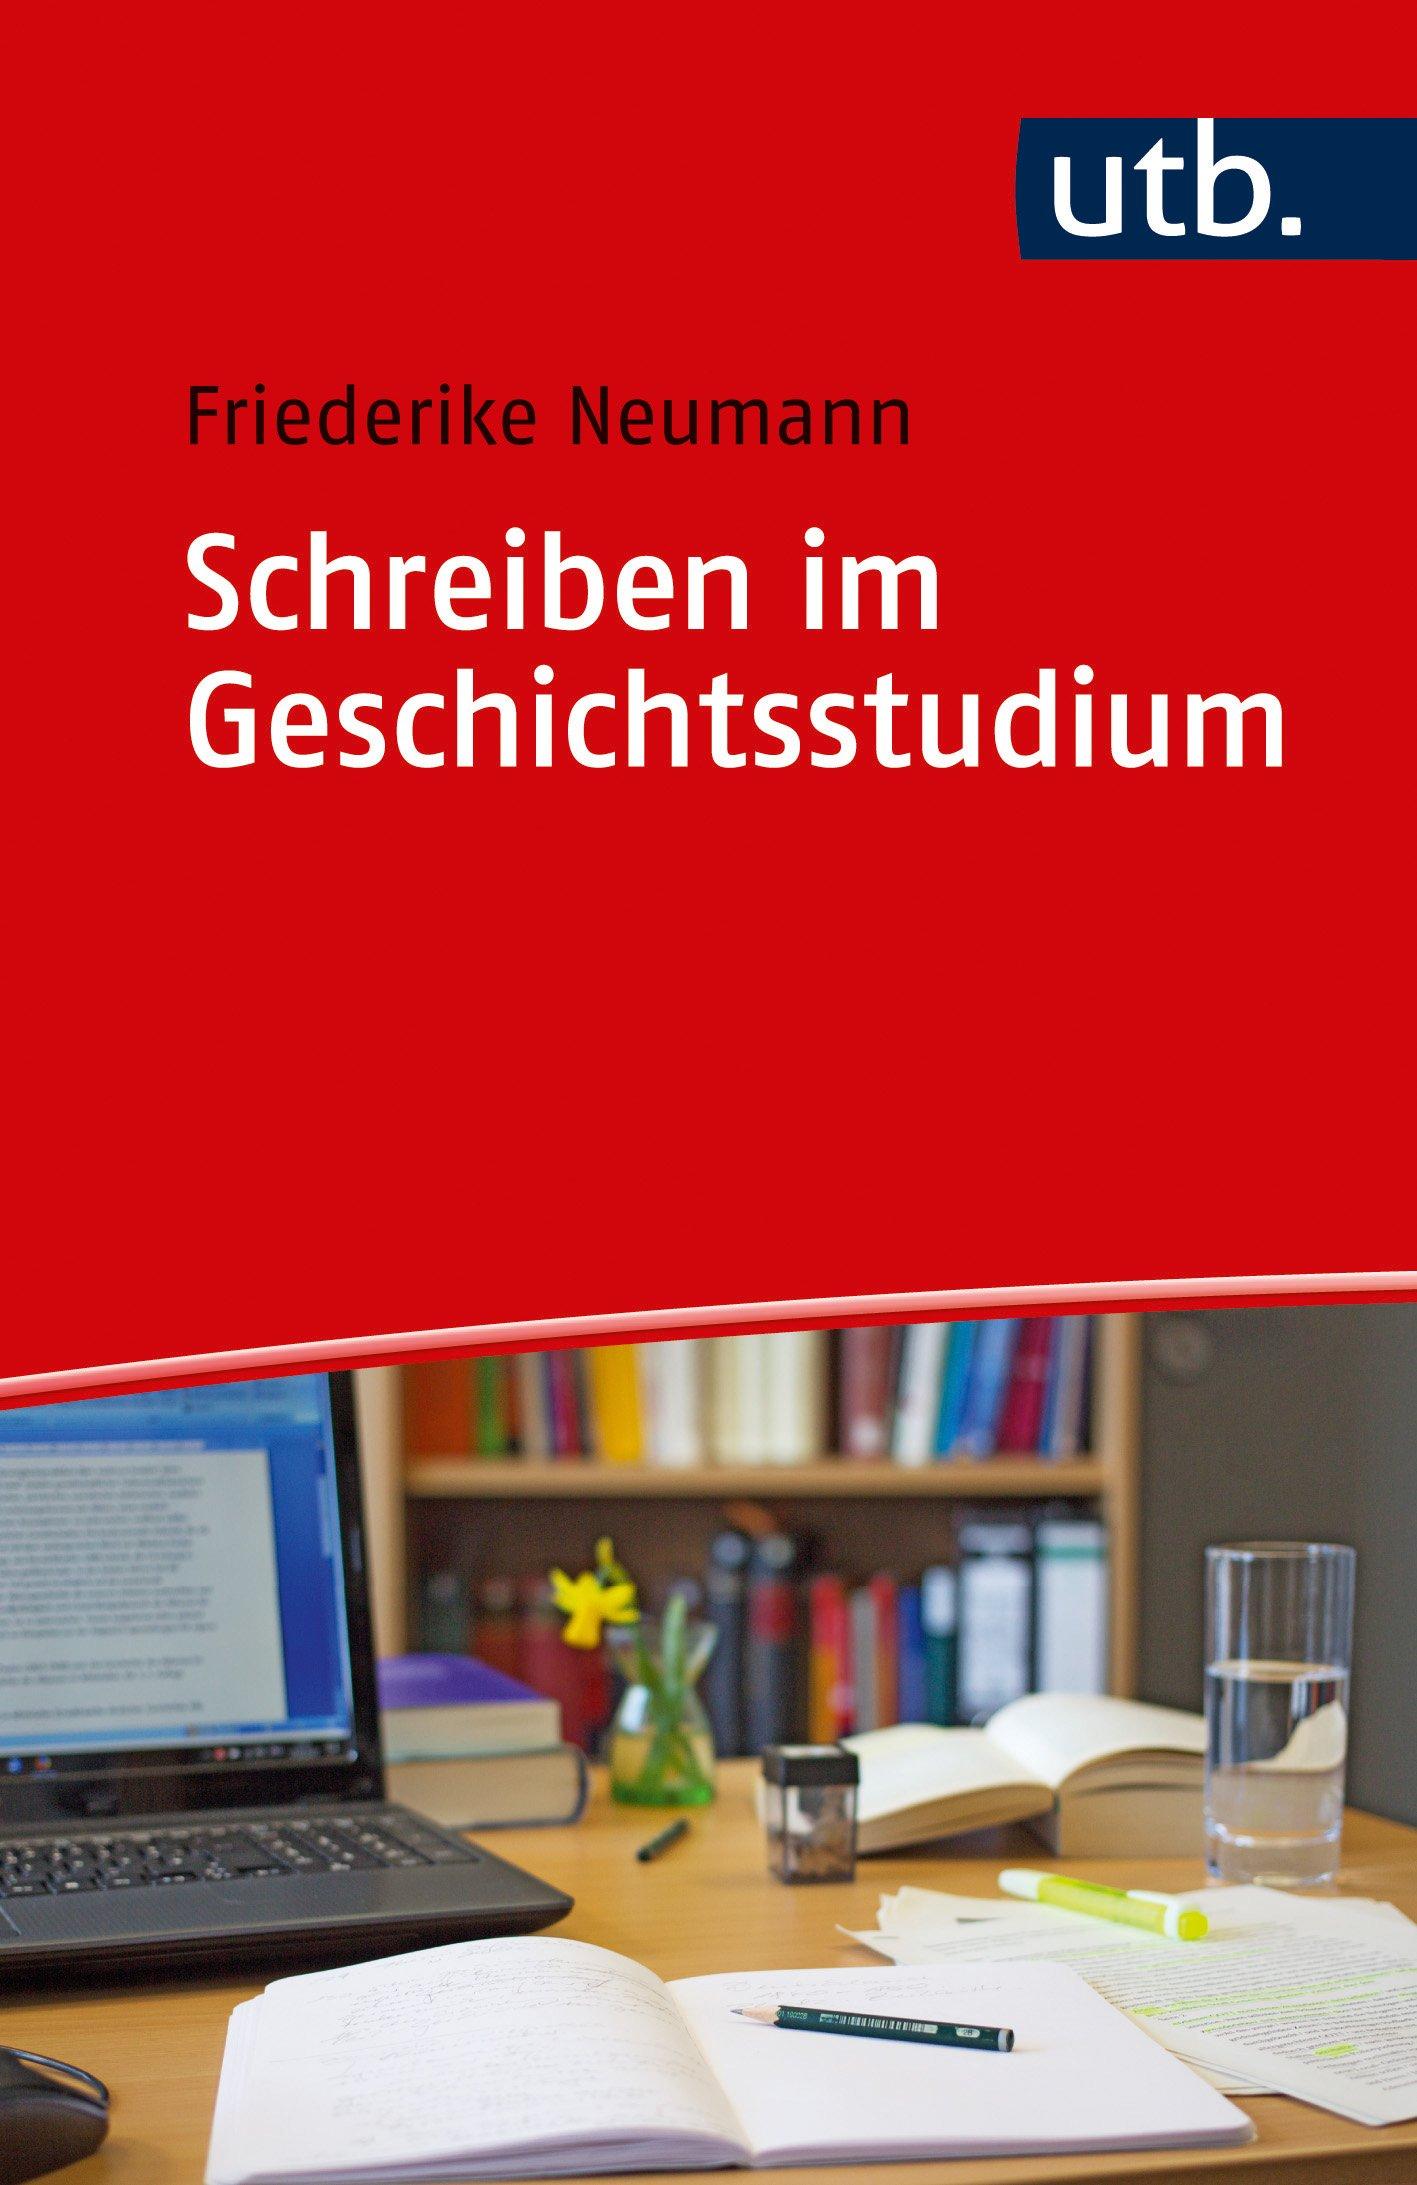 Schreiben im Geschichtsstudium (Schreiben im Studium, Band 4843) Taschenbuch – 15. Januar 2018 Friederike Neumann UTB GmbH 3825248437 Briefe